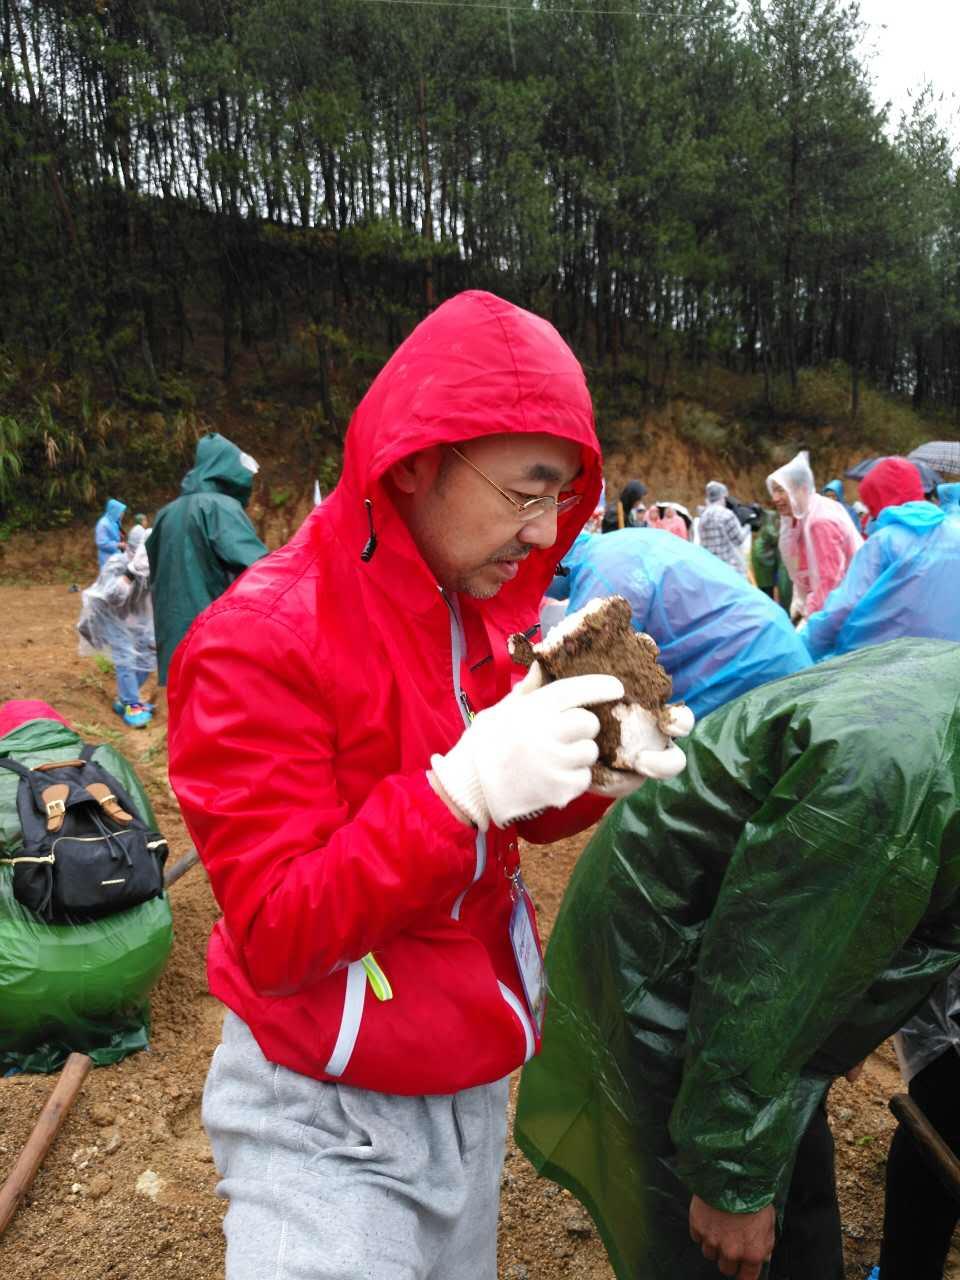 刘仪伟现身药材溯源之旅  与专家探讨道地原料